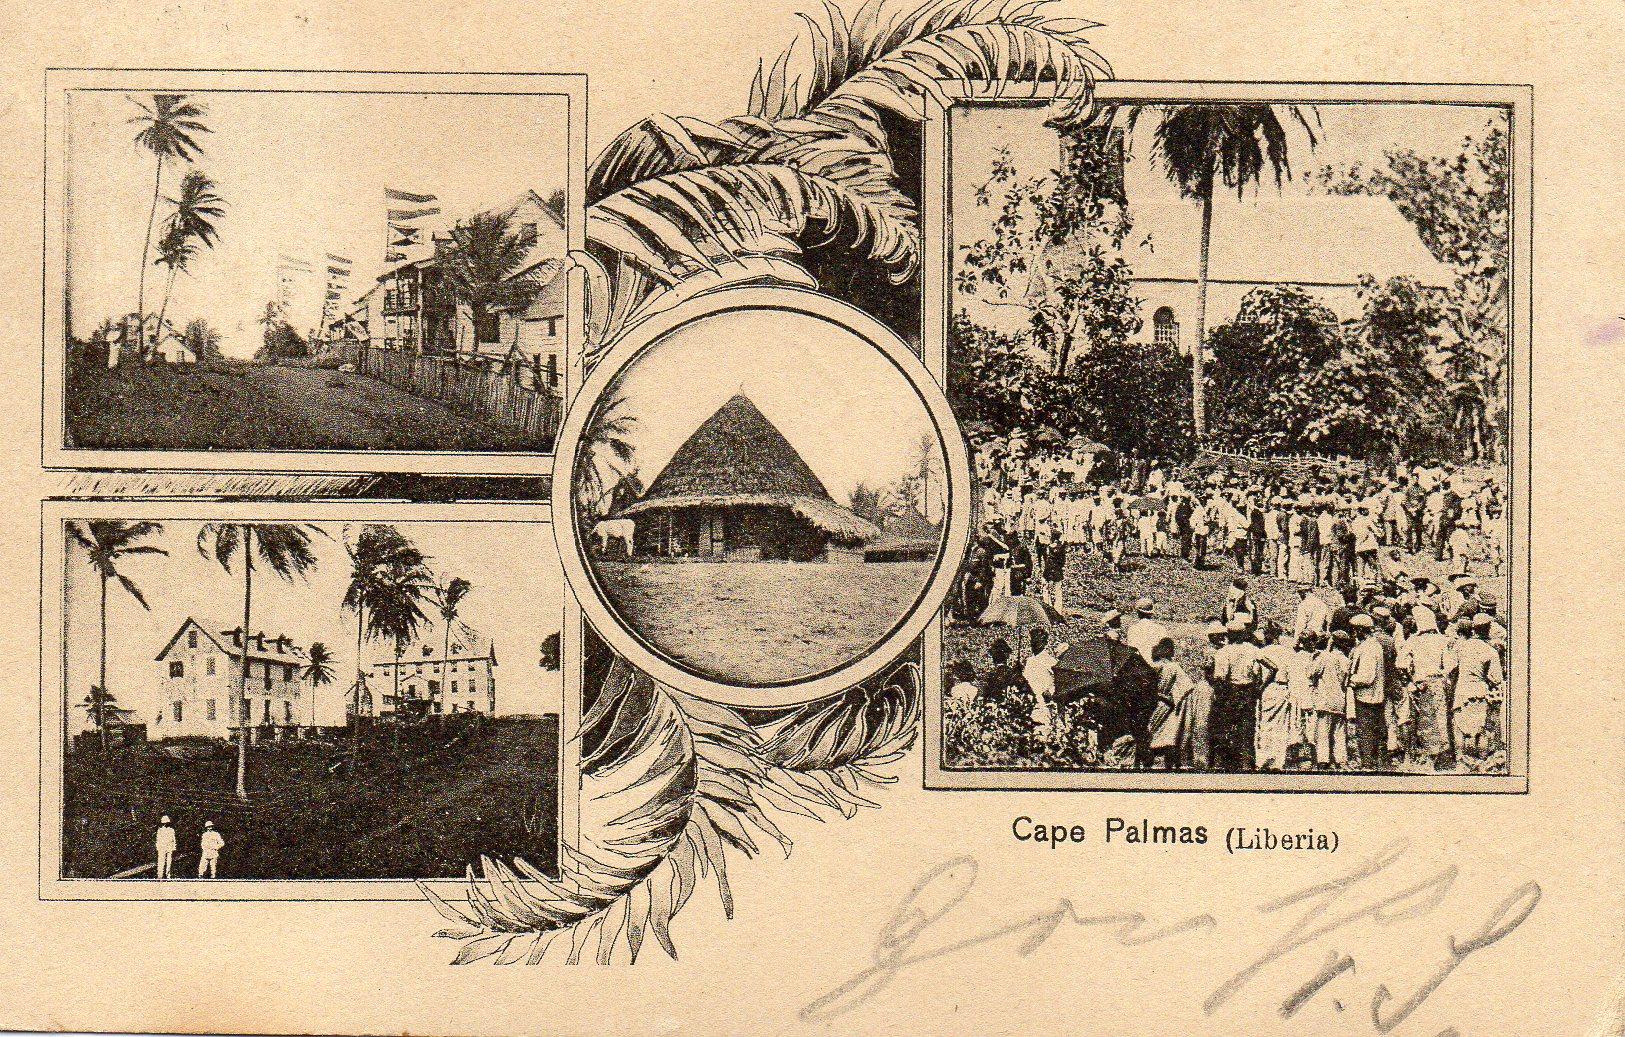 Liberia Cape Palmas